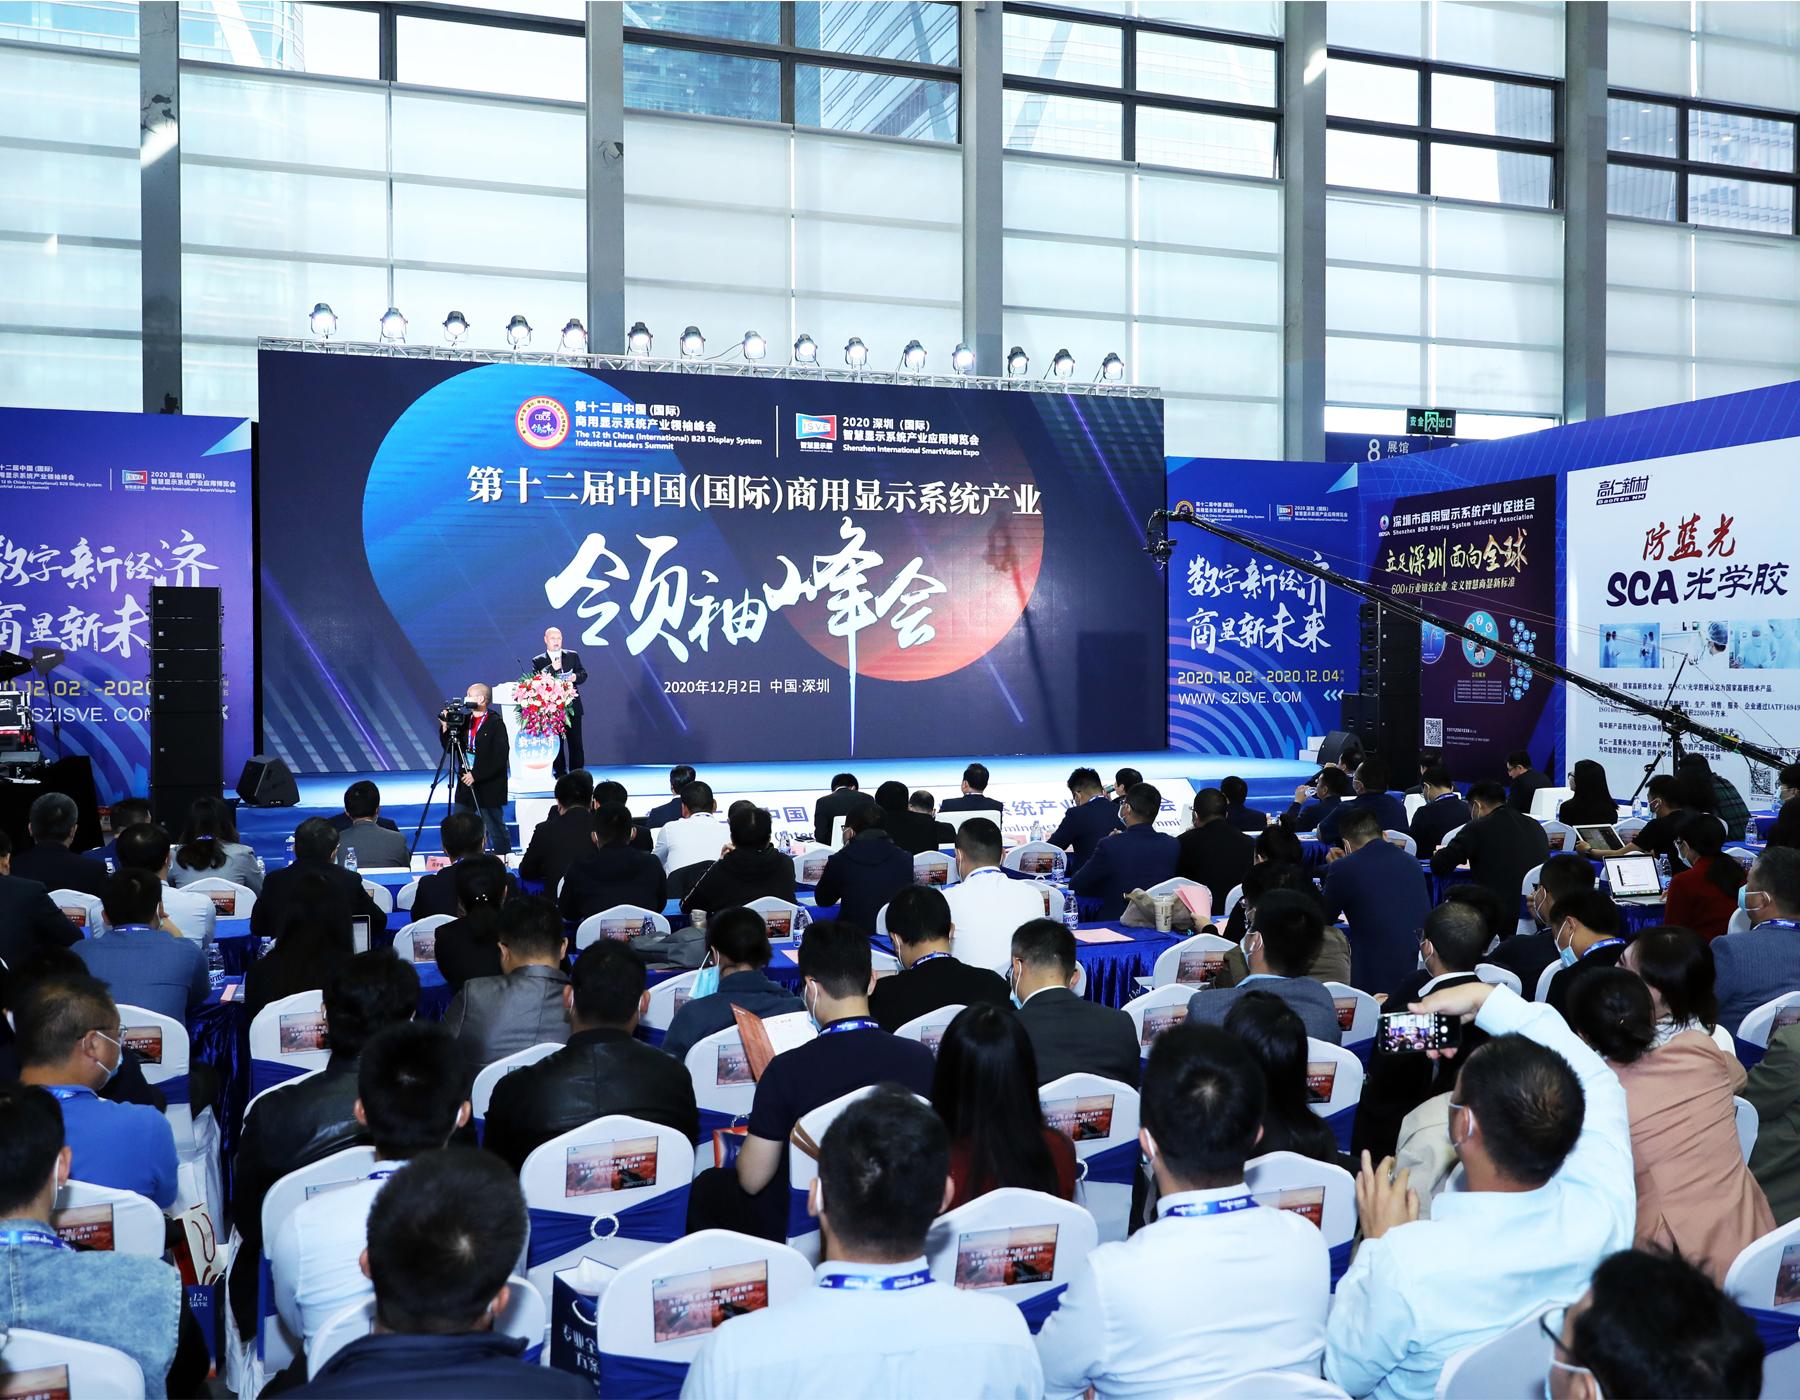 第13届CBDS领袖峰会暨第四届ISVE智慧显示展9月深圳精彩上演